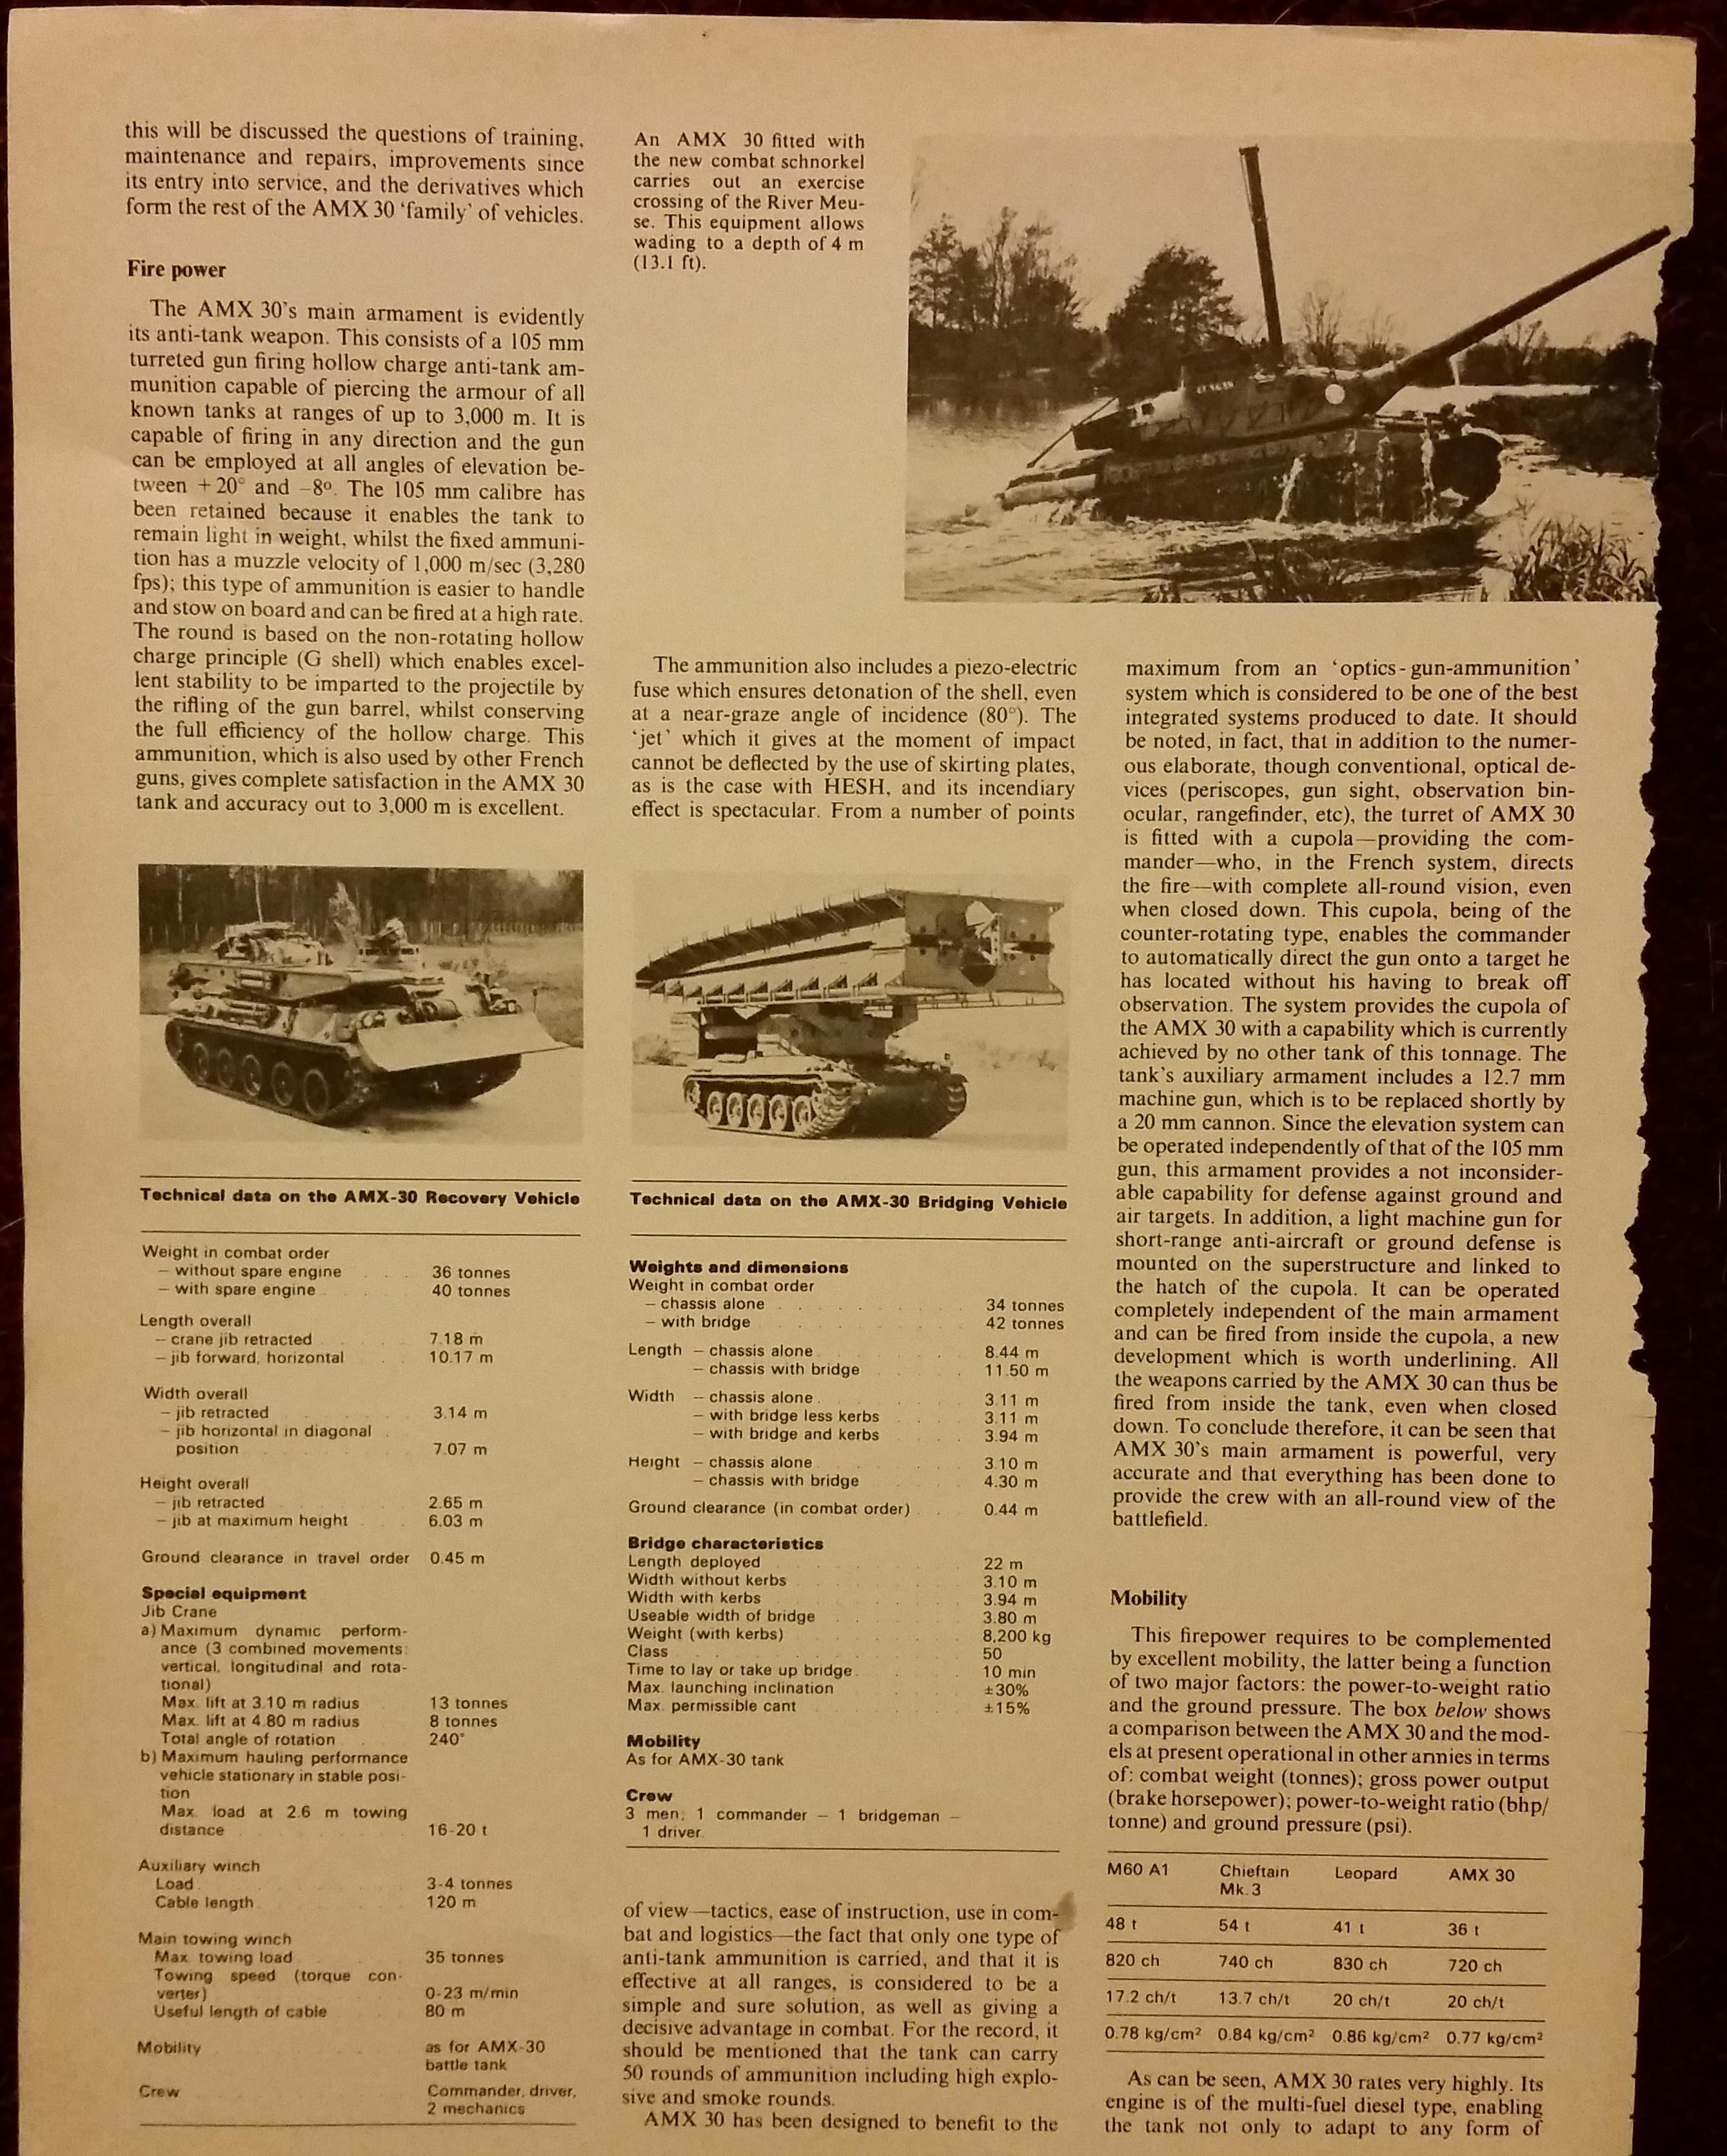 amx-30-page-3-e1428293462907.jpg